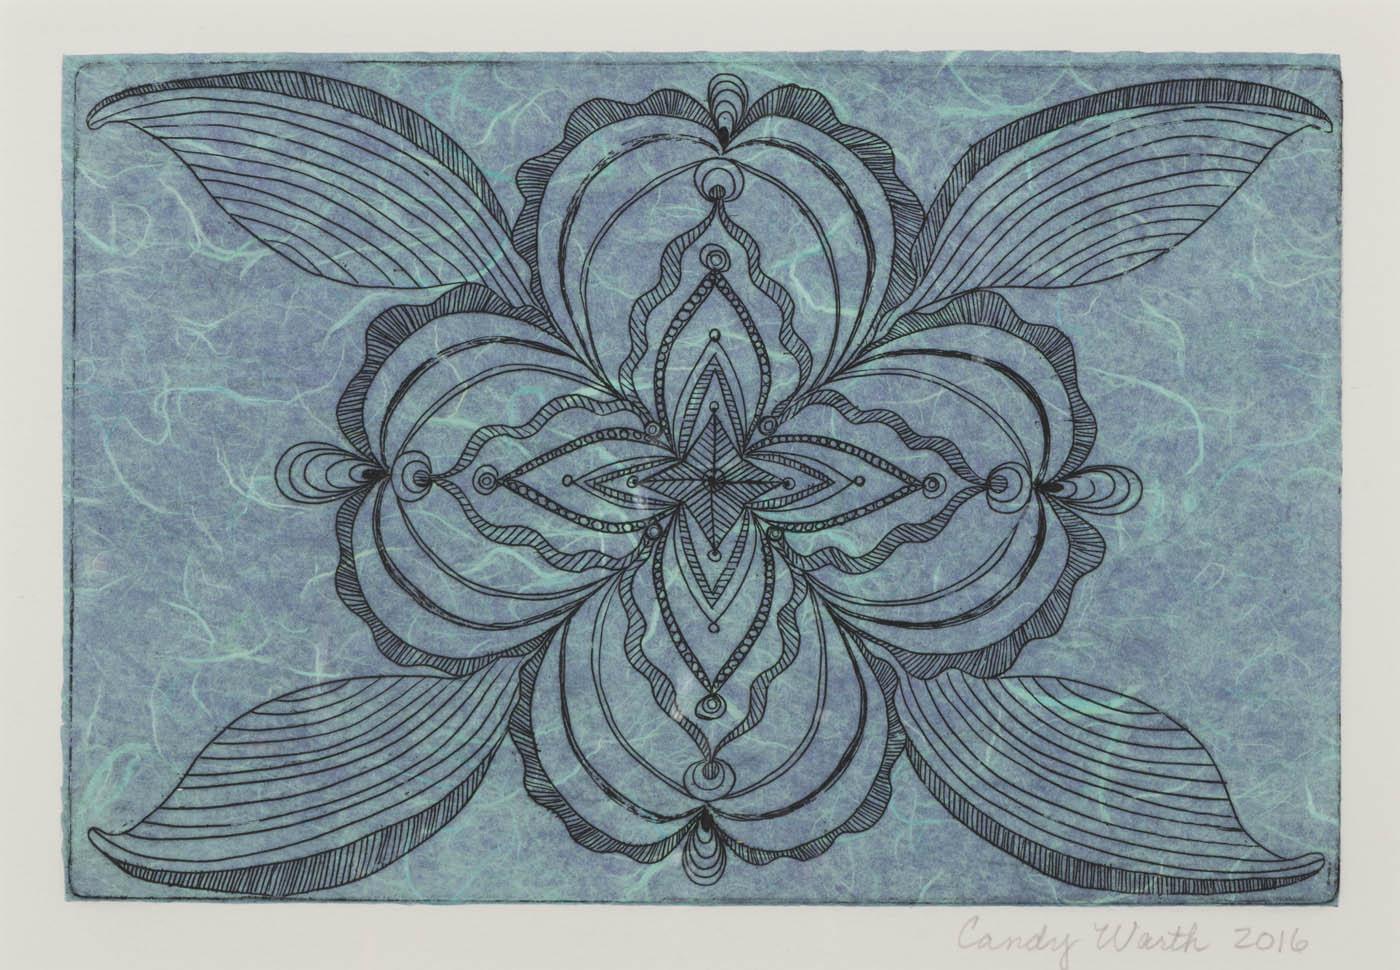 Candy R. Warth - Mystic Mandala